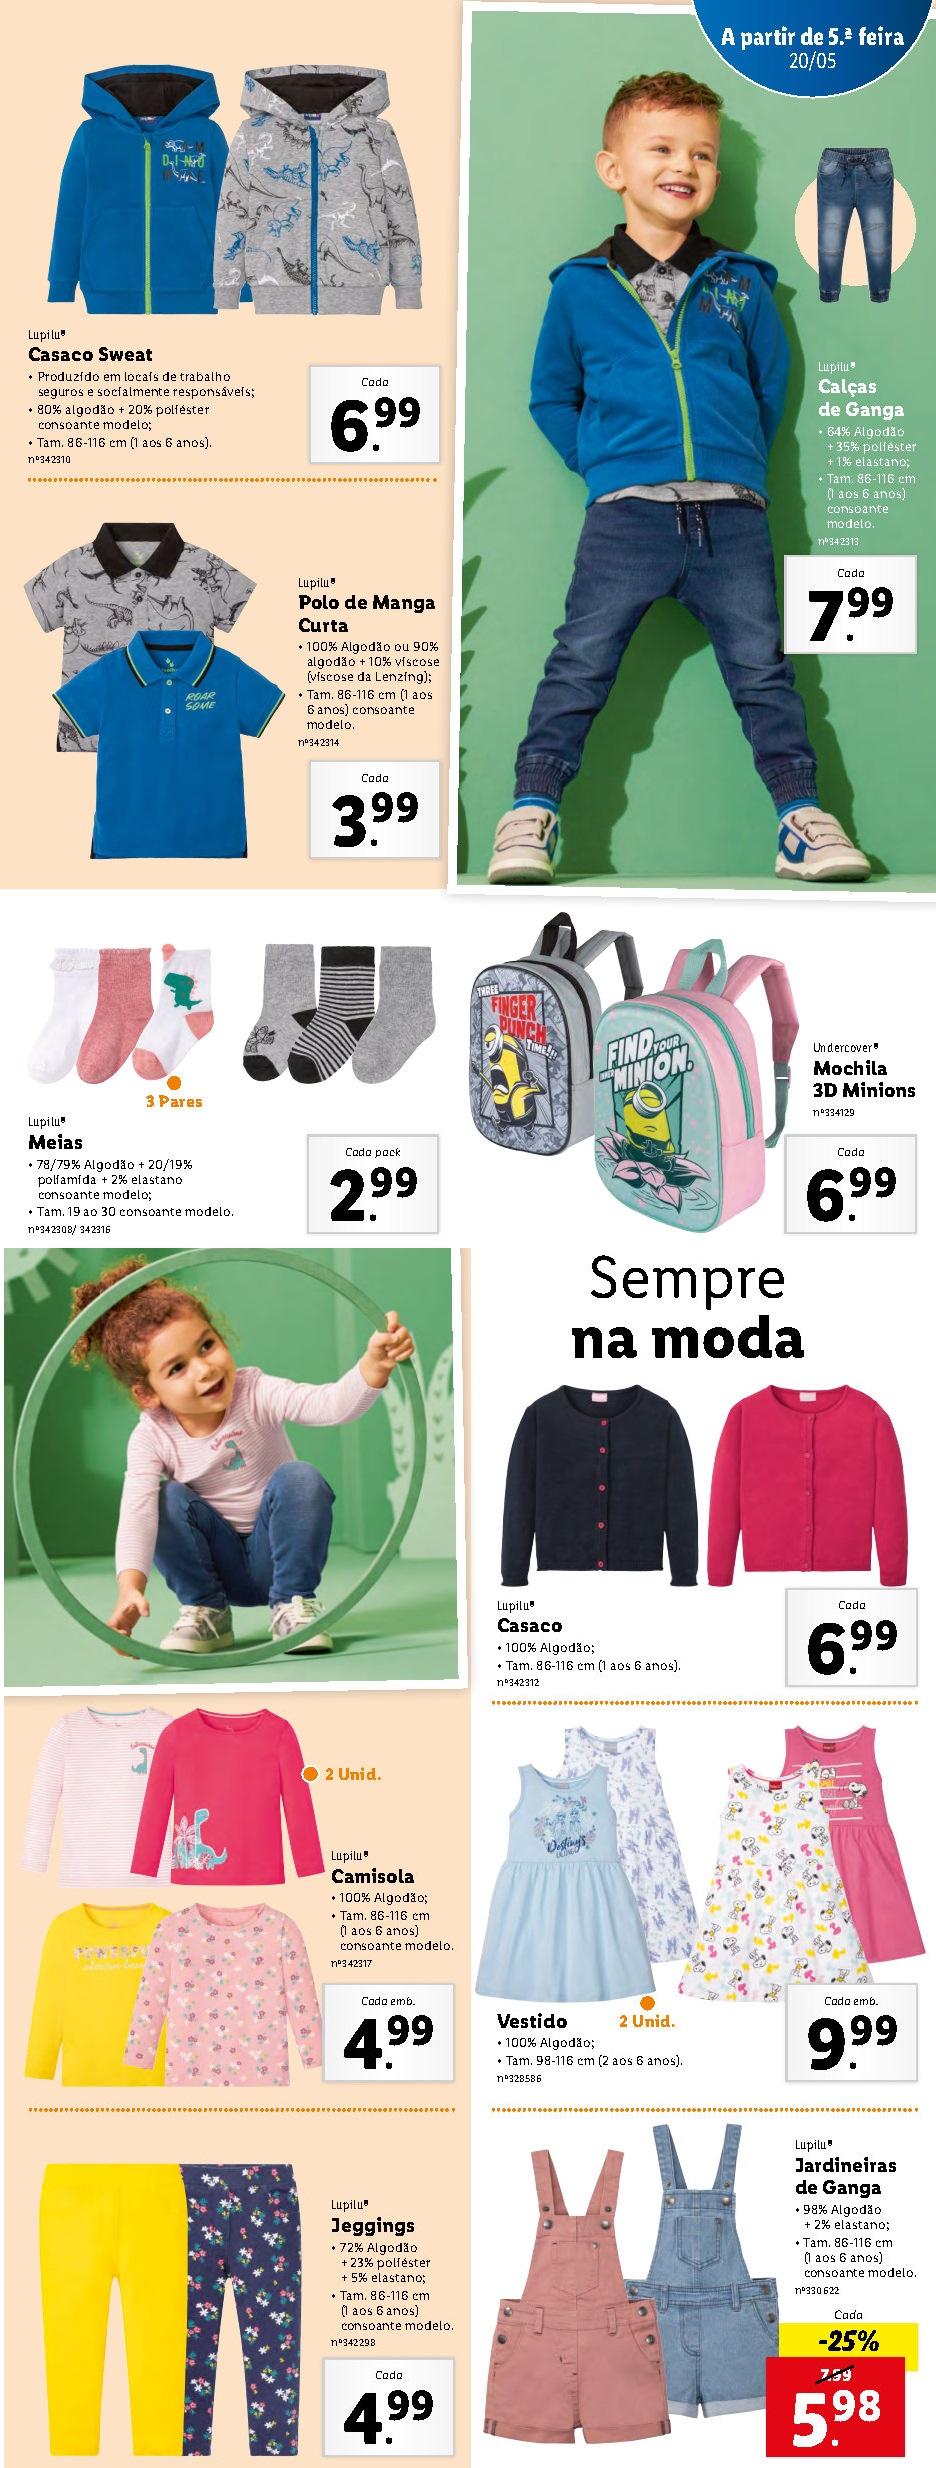 especiais folheto lidl bazar 17 maio promocoes Page15 1